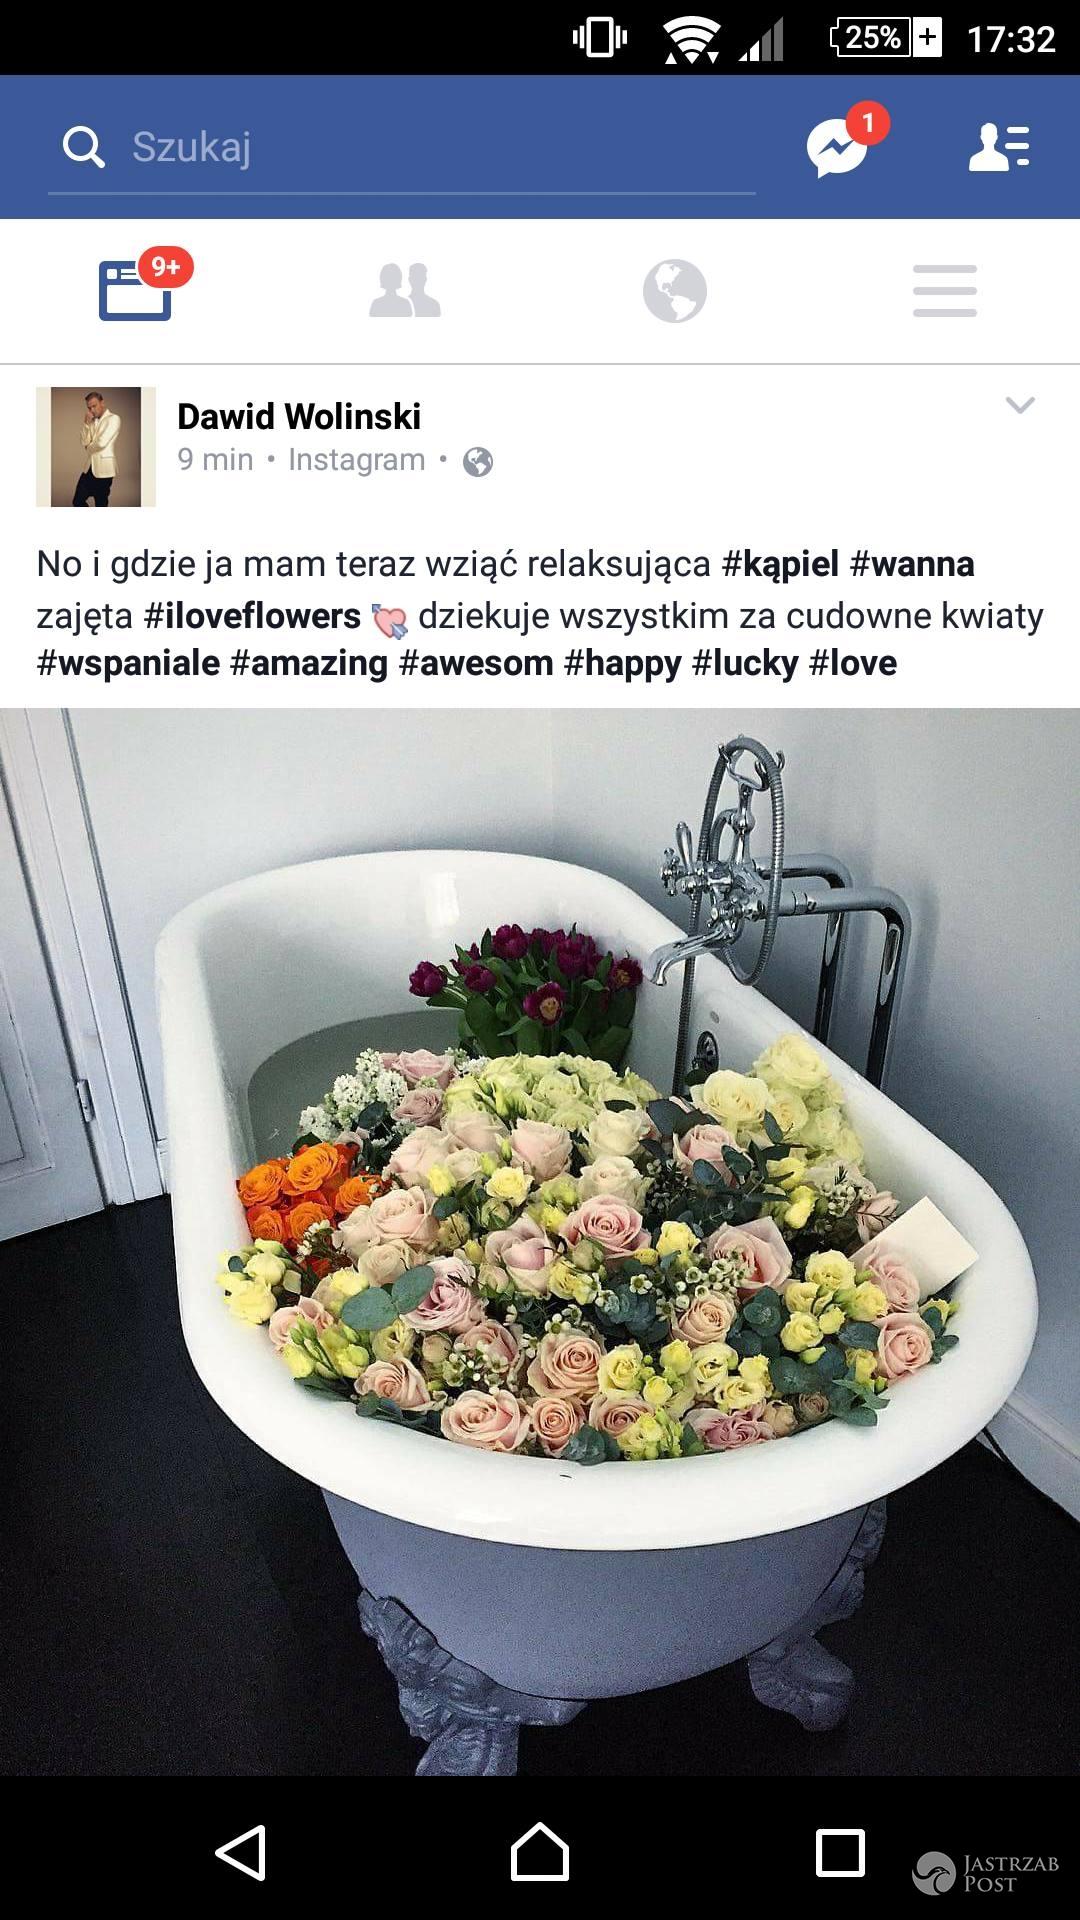 Dawid Woliński i jego wanna pełna kwiatów